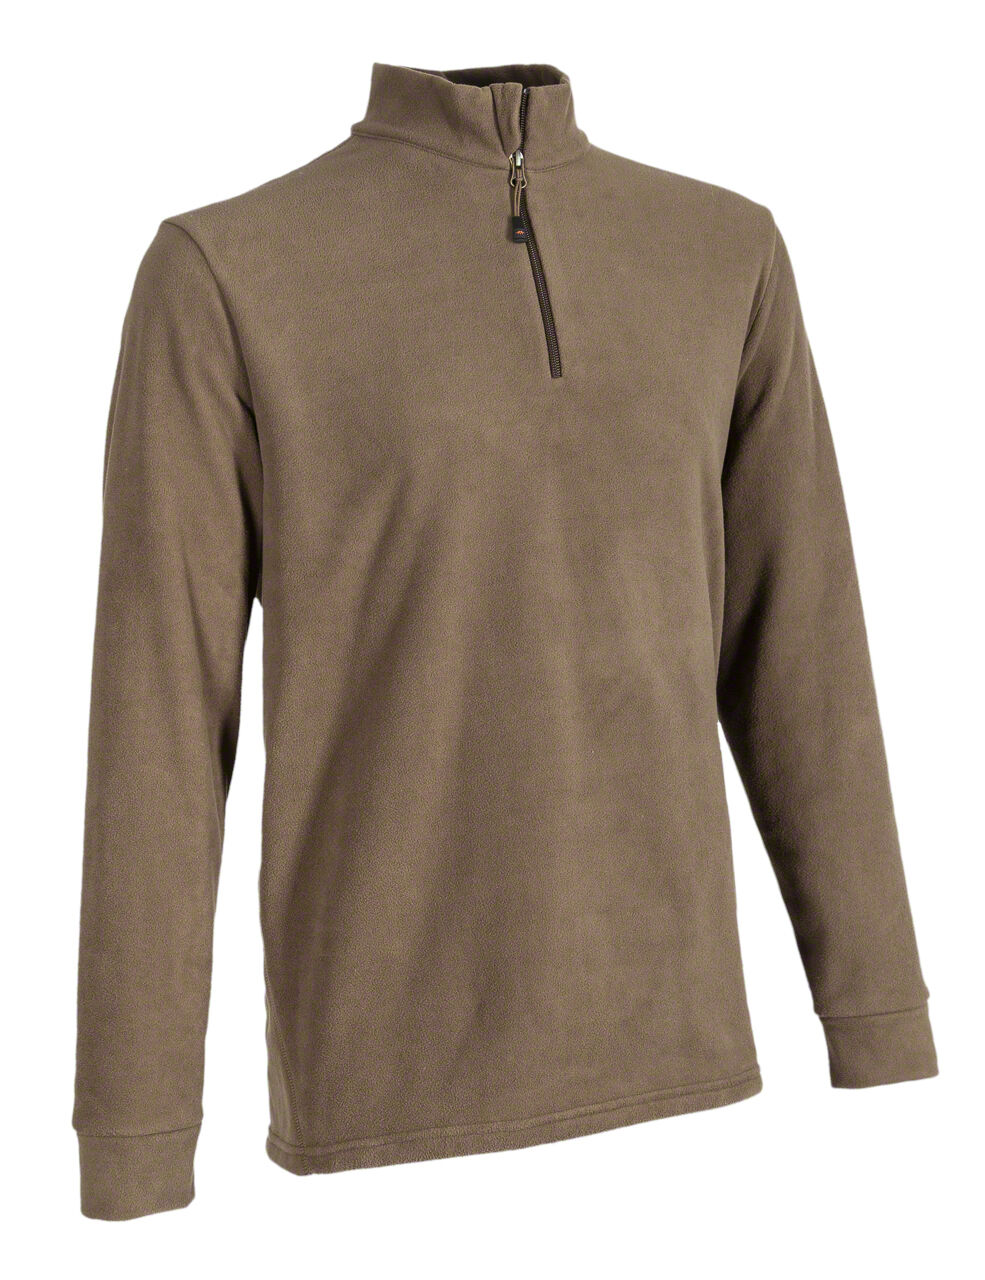 Blaser Fleece-Troyer BASIC - dunkel-olivbrown - Nr. 113006-112